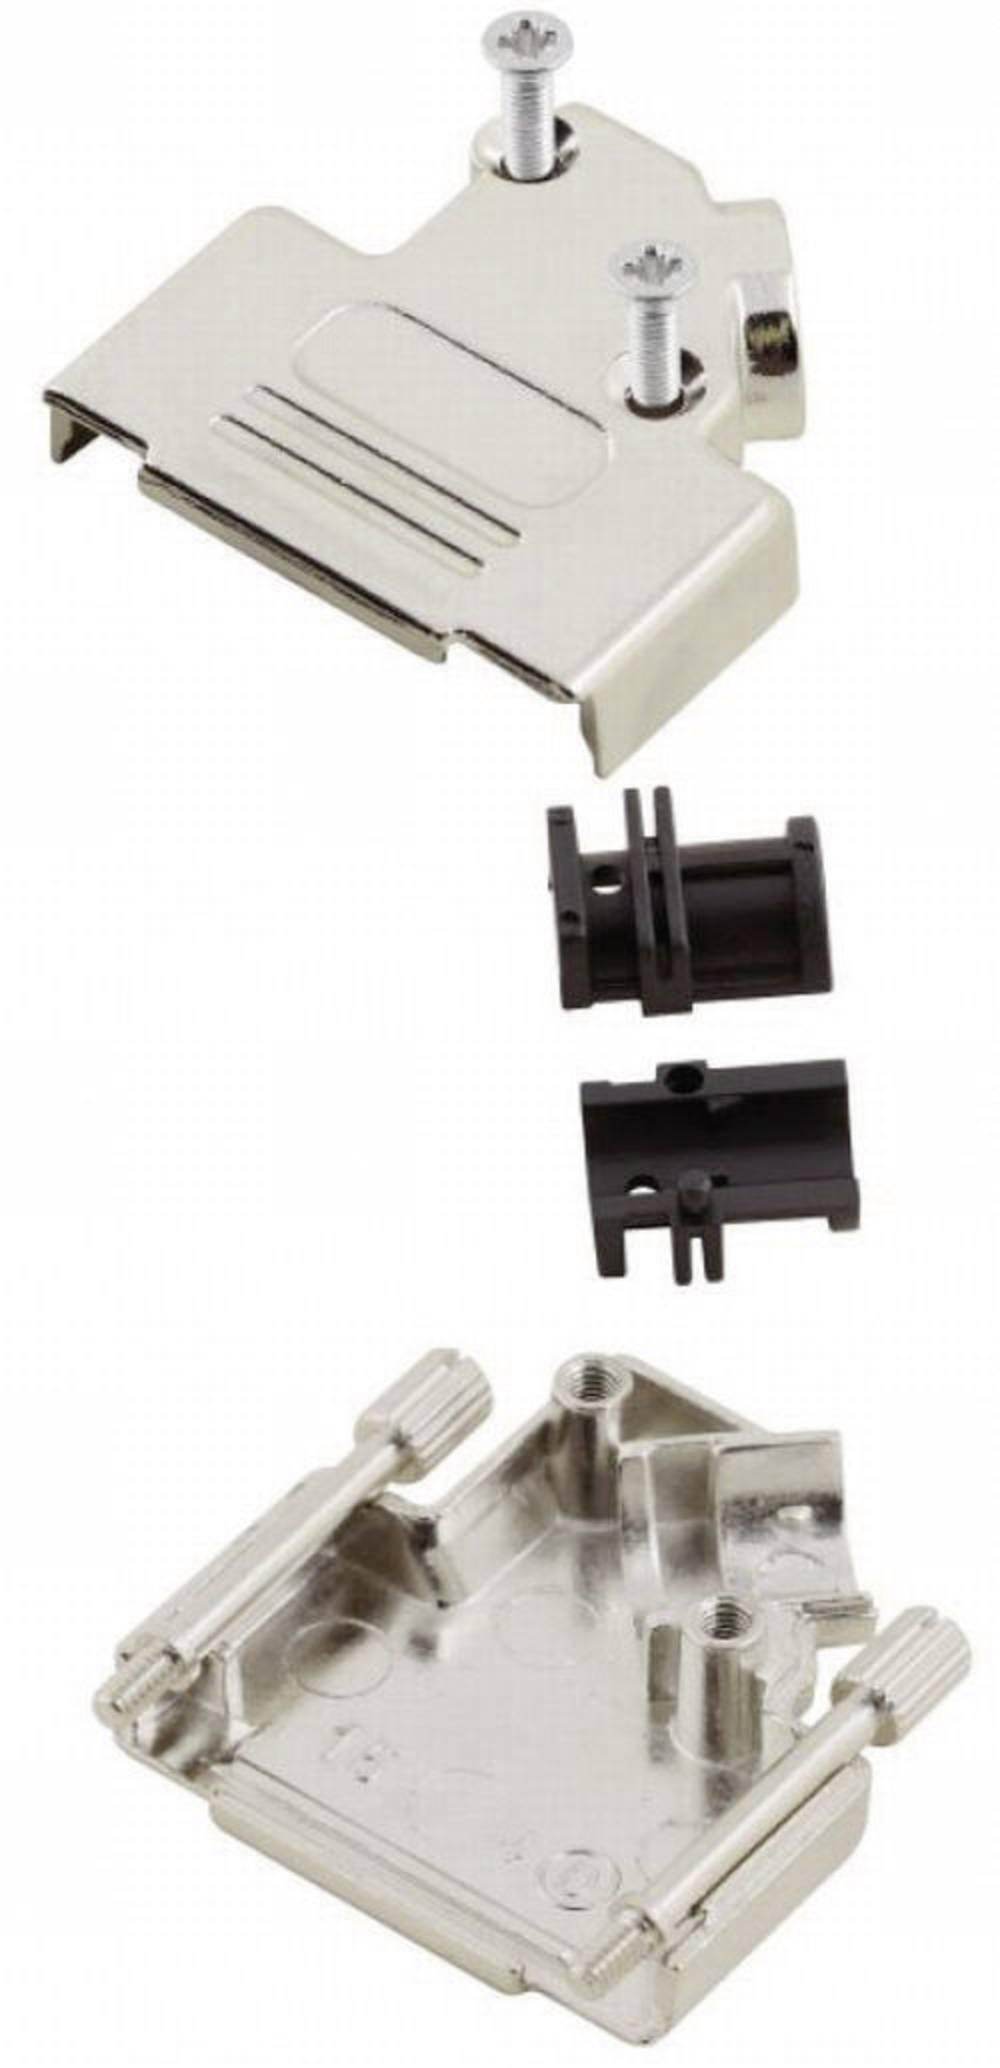 D-SUB Kovinski pokrov, št. polov: 37 MHD45ZK-37-RA-K Encitech 6560-0106-14 MH Connectors